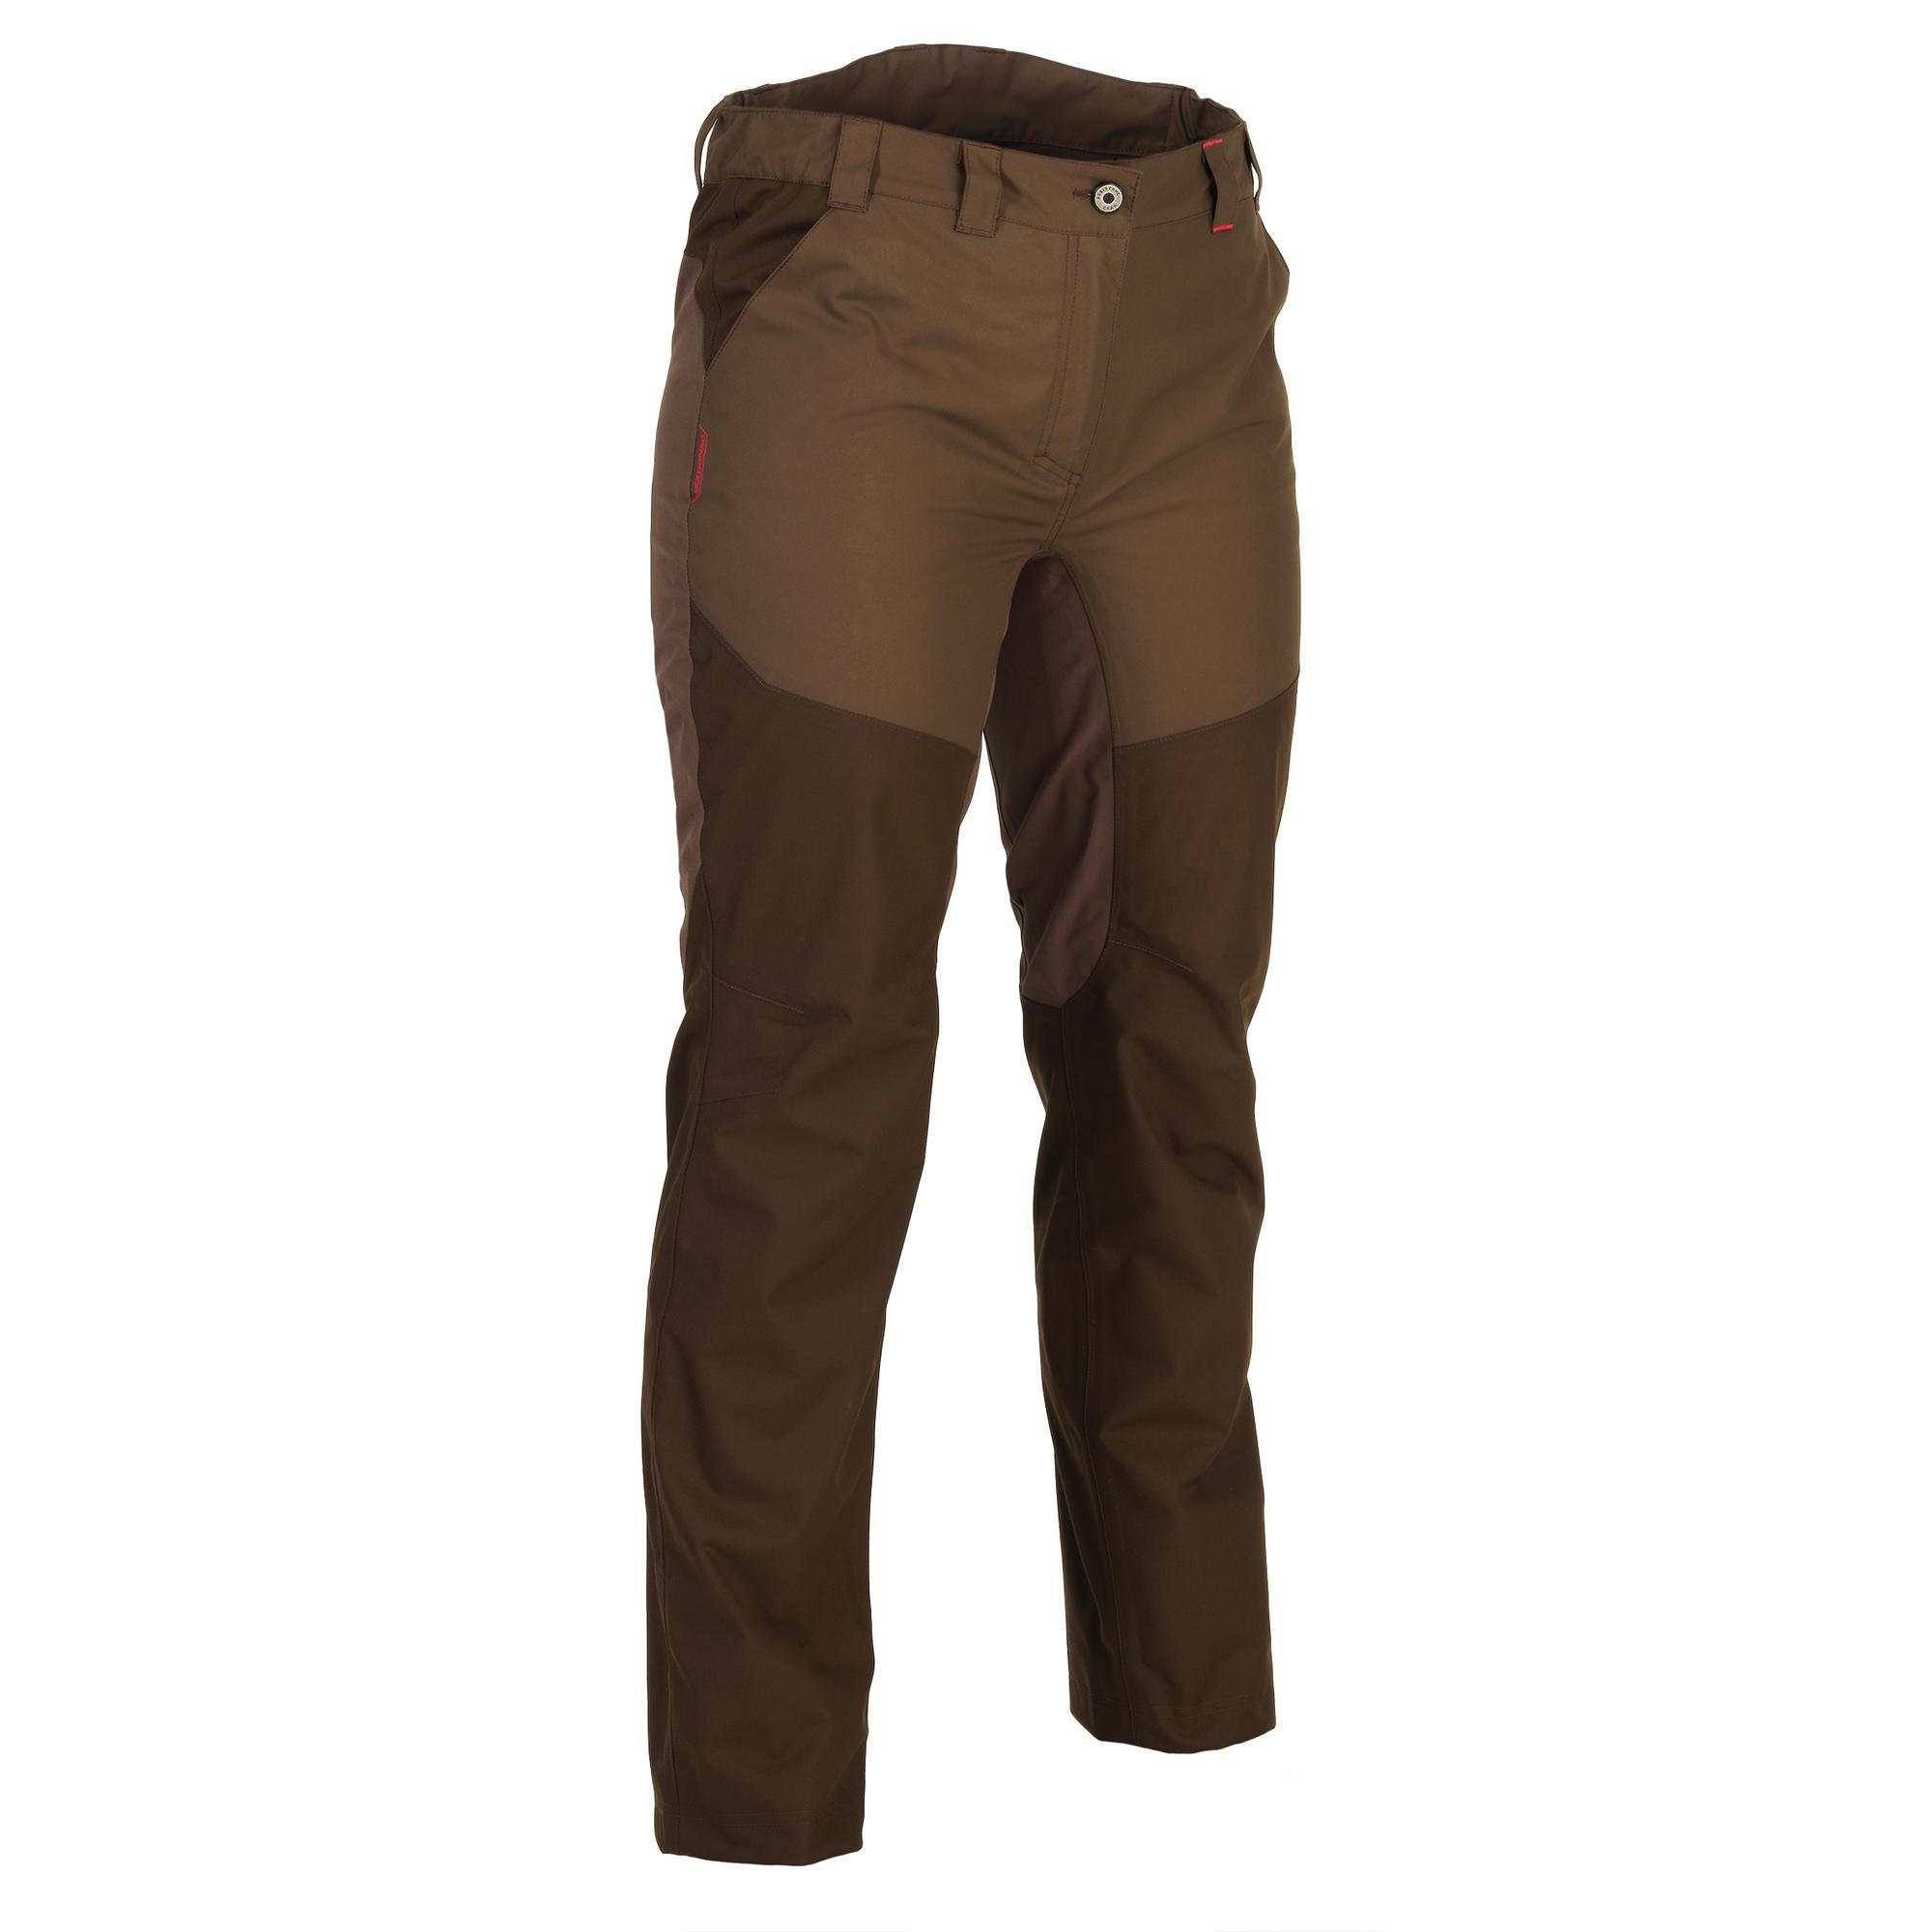 Imper Femme MarronSolognac Chasse 500 Pantalon LR5A3j4